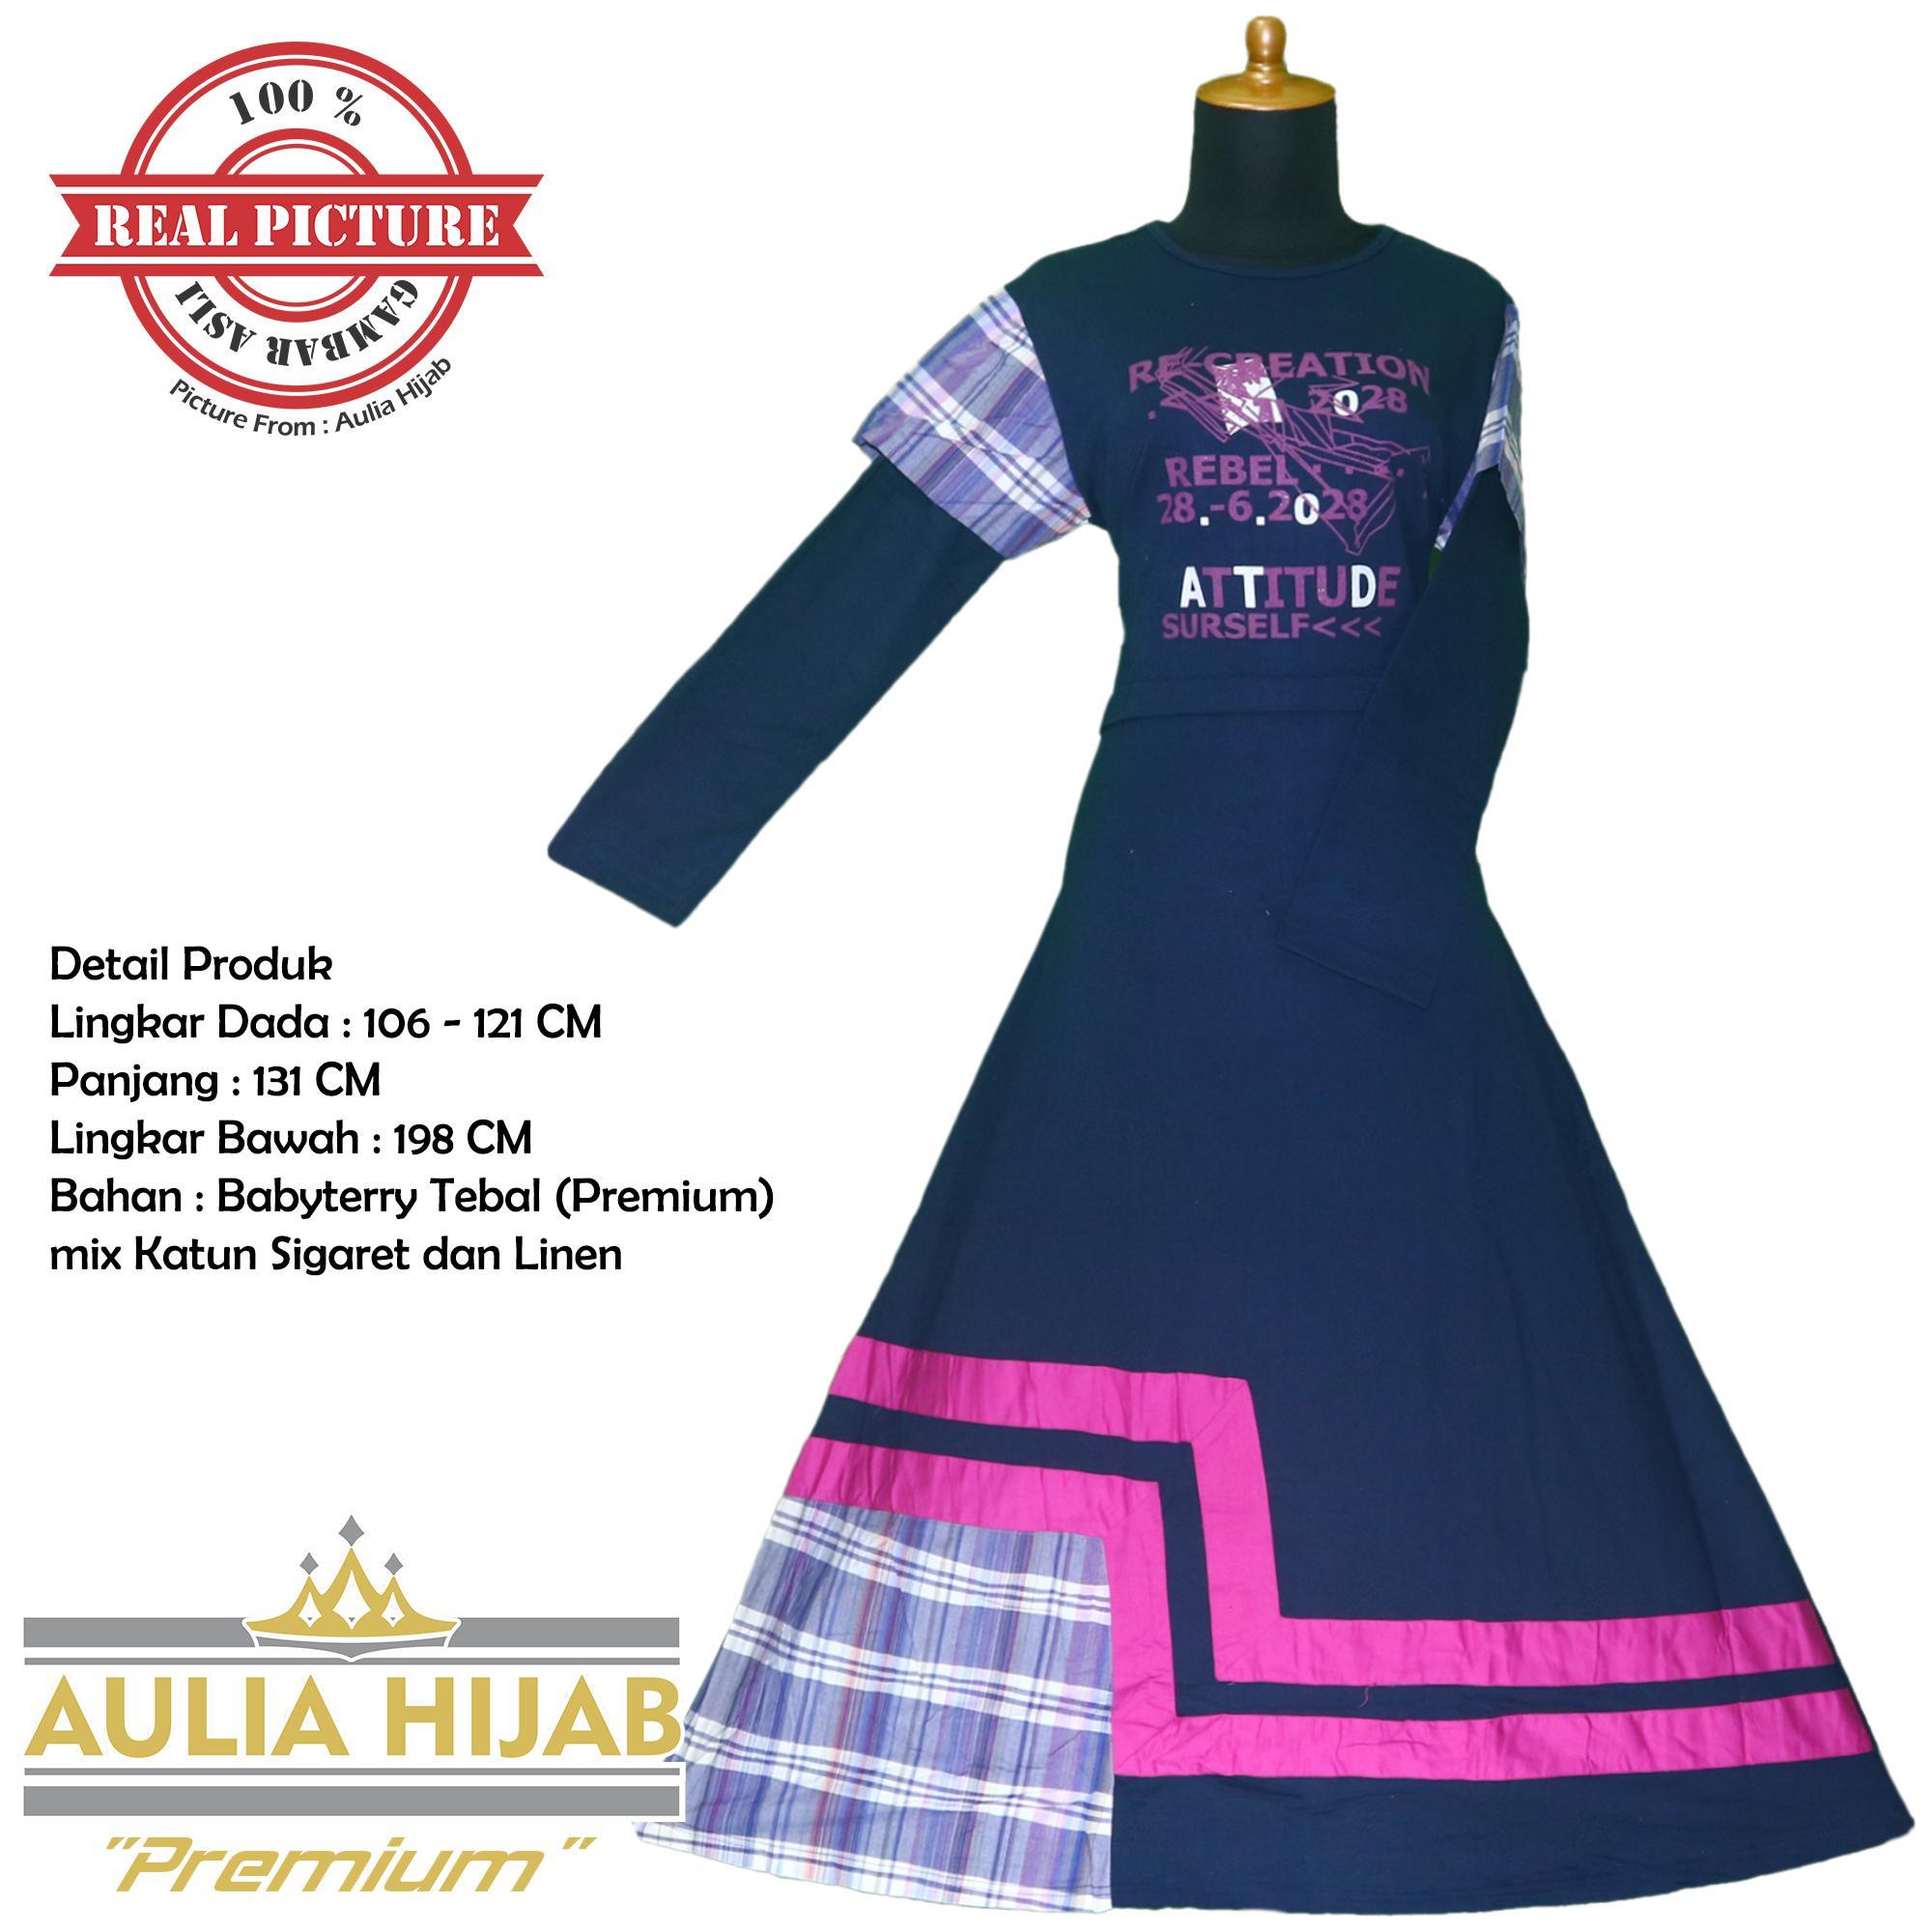 [Premium] Aulia Hijab - Gamis Gio-F 0111 Premium Bahan Babyterry Tebal Premium/Gamis Babyterry Premium/Gamis Hamil/Gamis Santai/Gamis Kerja/Gamis Premium/Gamis Kerja/Gamis Santai/Gamis Mahal/Gamis Berkualitas/Gamis Pesta